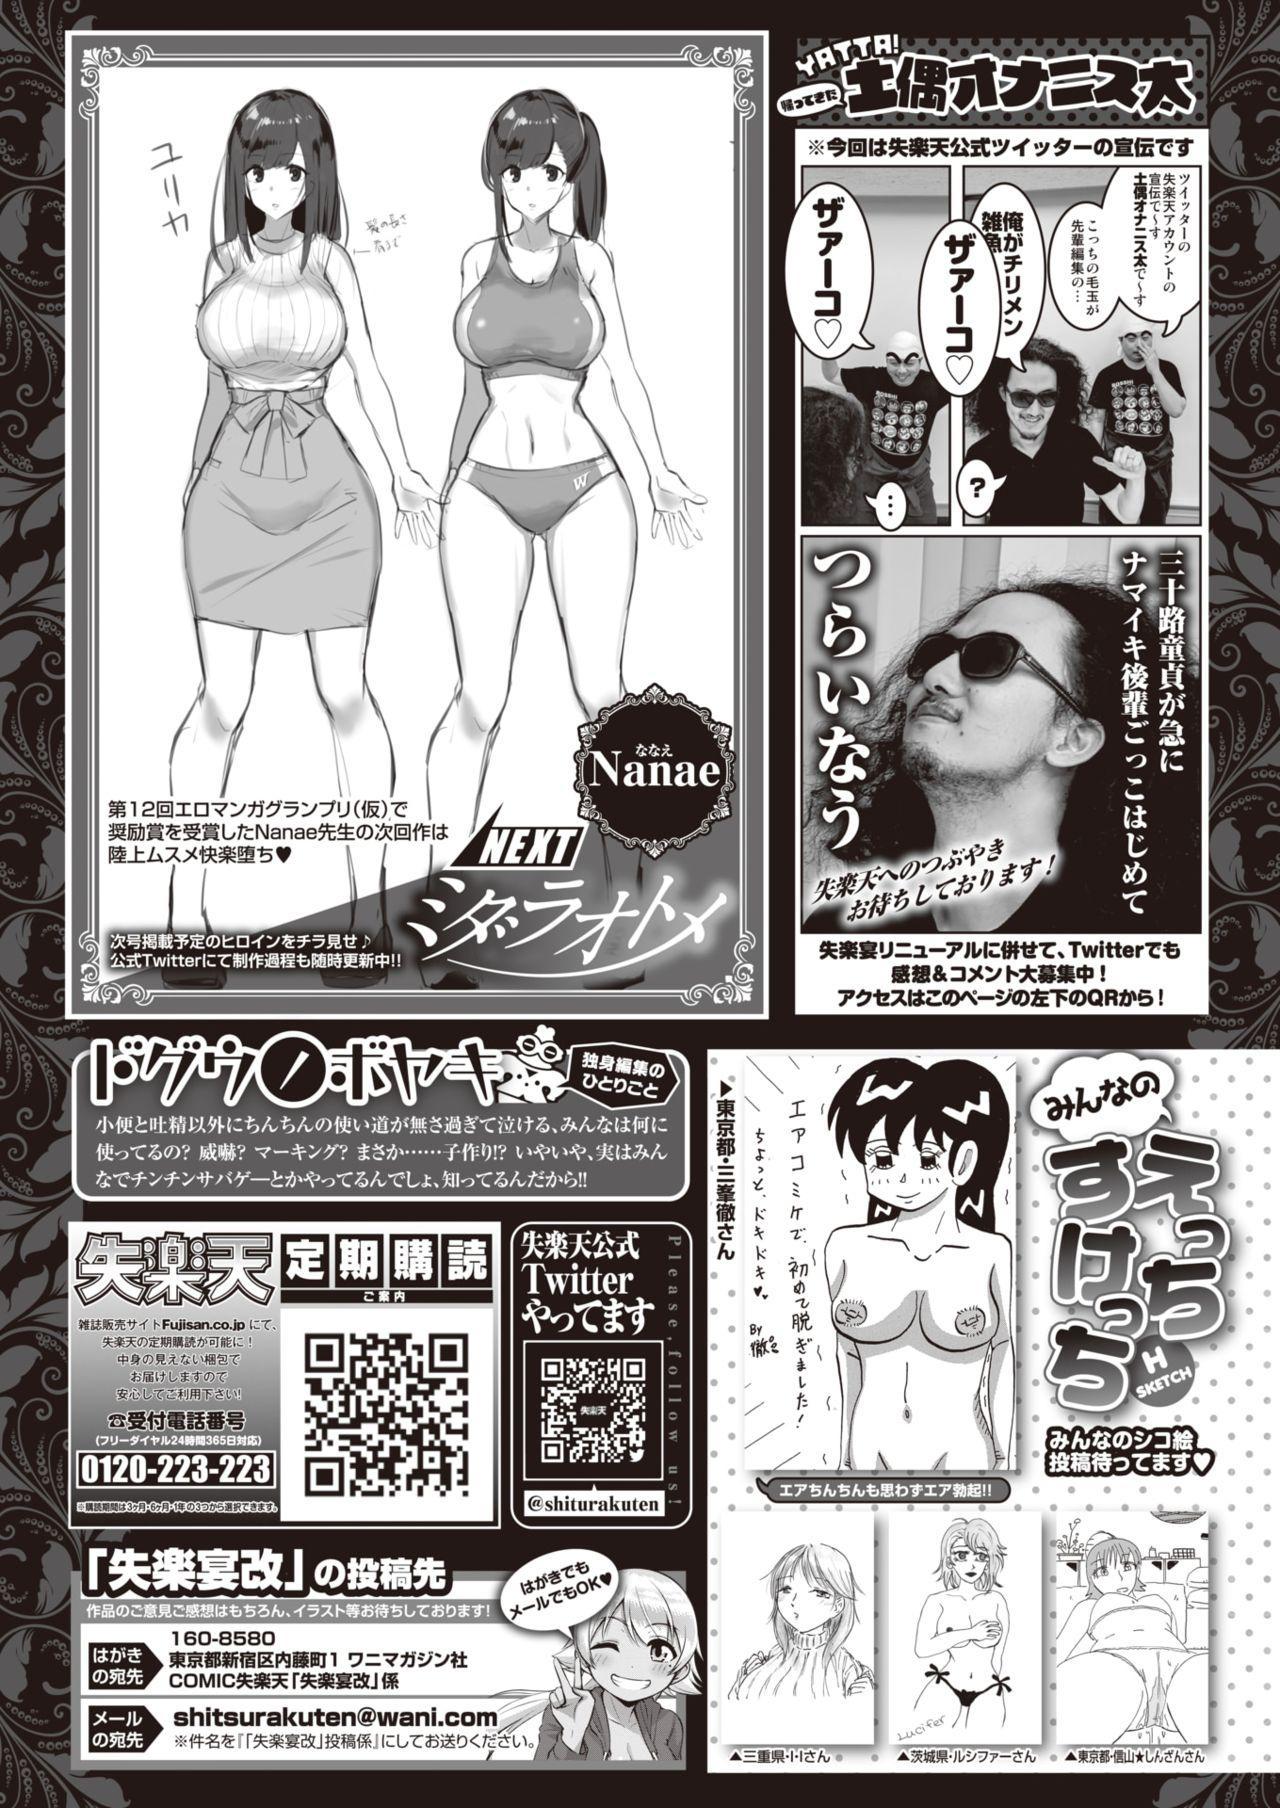 COMIC Shitsurakuten 2020-08 367